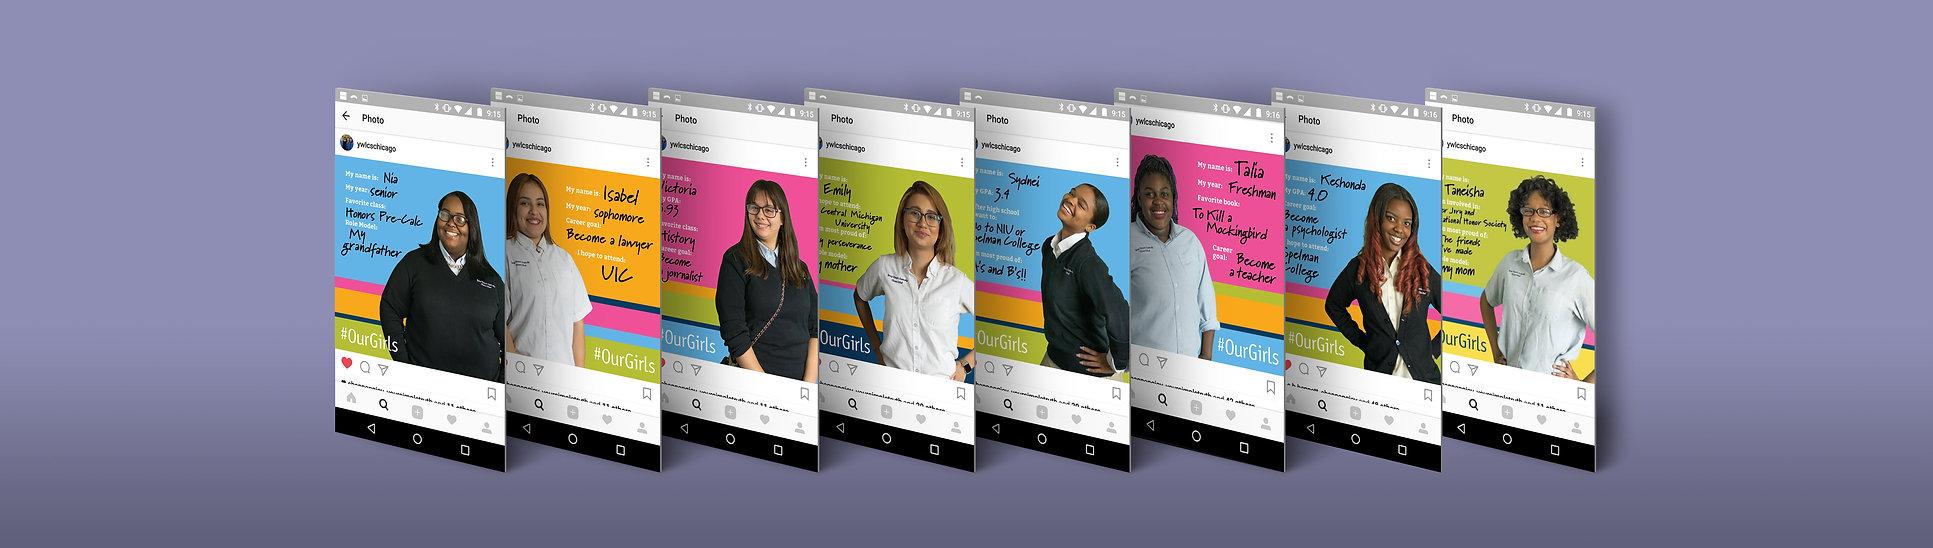 YWLCS screens2.jpg